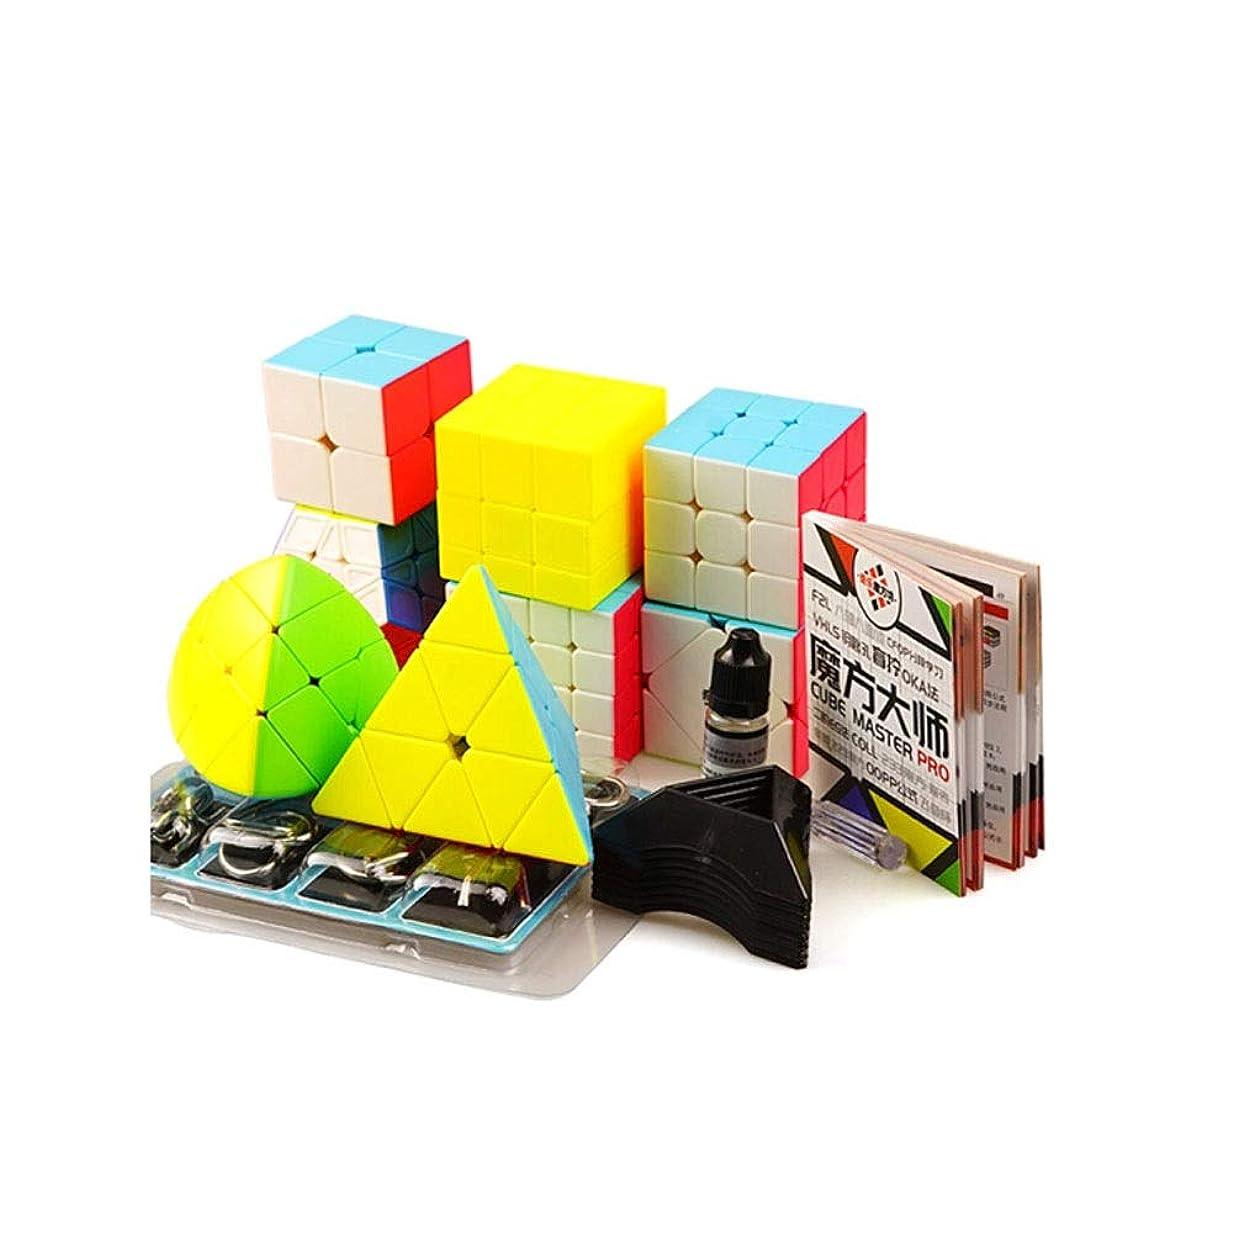 スピーチ悪党有効化Jinnuotong ルービックキューブ、スムーズで手頃な価格のルービックキューブスーツ、品質設計、安全で環境に優しい設計、贈り物として適している(8セット) エレガントで快適 (Edition : Eight sets)